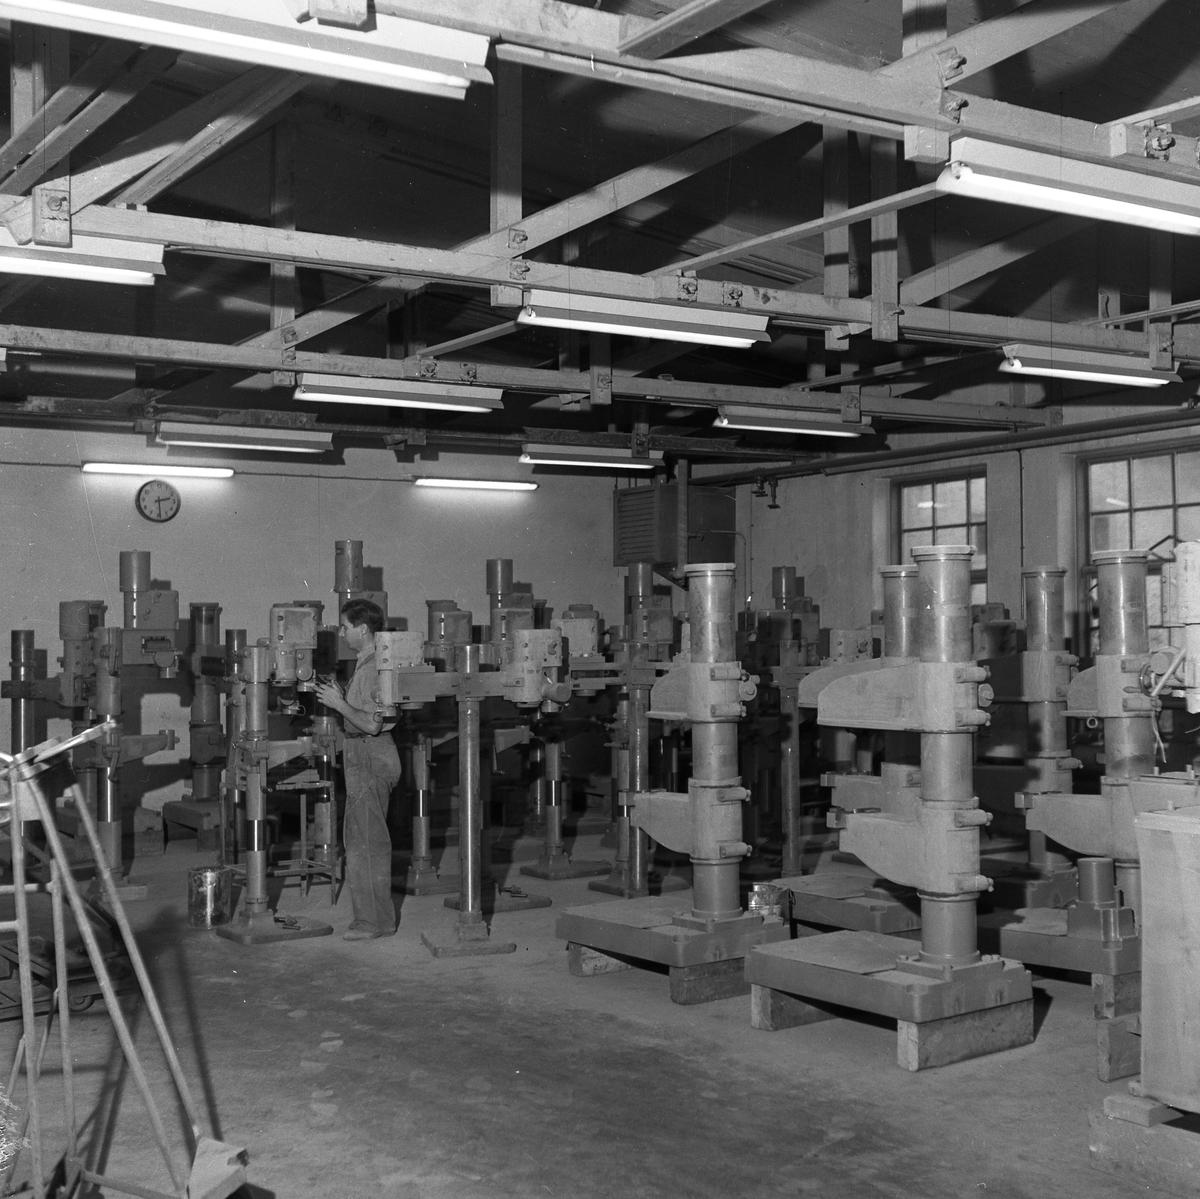 Arboga Maskiner, interiör. Ett fabriksrum är fullt av maskinpjäser. En man arbetar i lokalen. En klocka hänger på väggen. Bilden är tagen i samband med AB Arboga Maskiners 25-årsjubileum. Företaget startade 1934 och bygger borr- och slipmaskiner.  Läs mer, i Reinhold Carlssons bok Arboga objektivt sett.